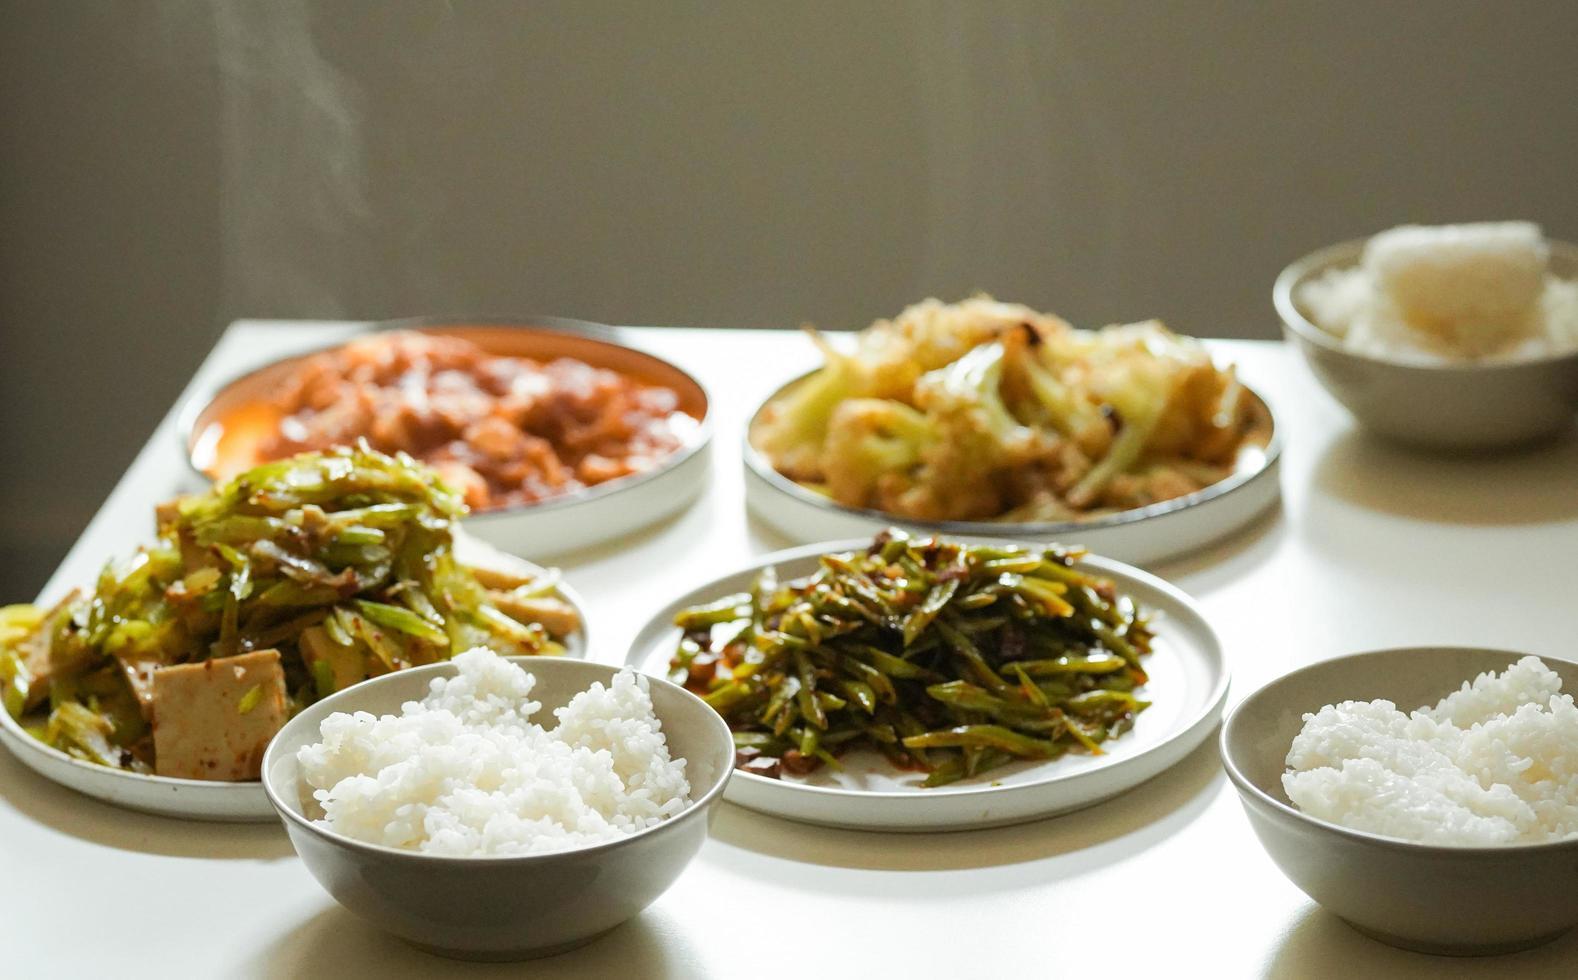 piatti della cucina asiatica sul tavolo foto